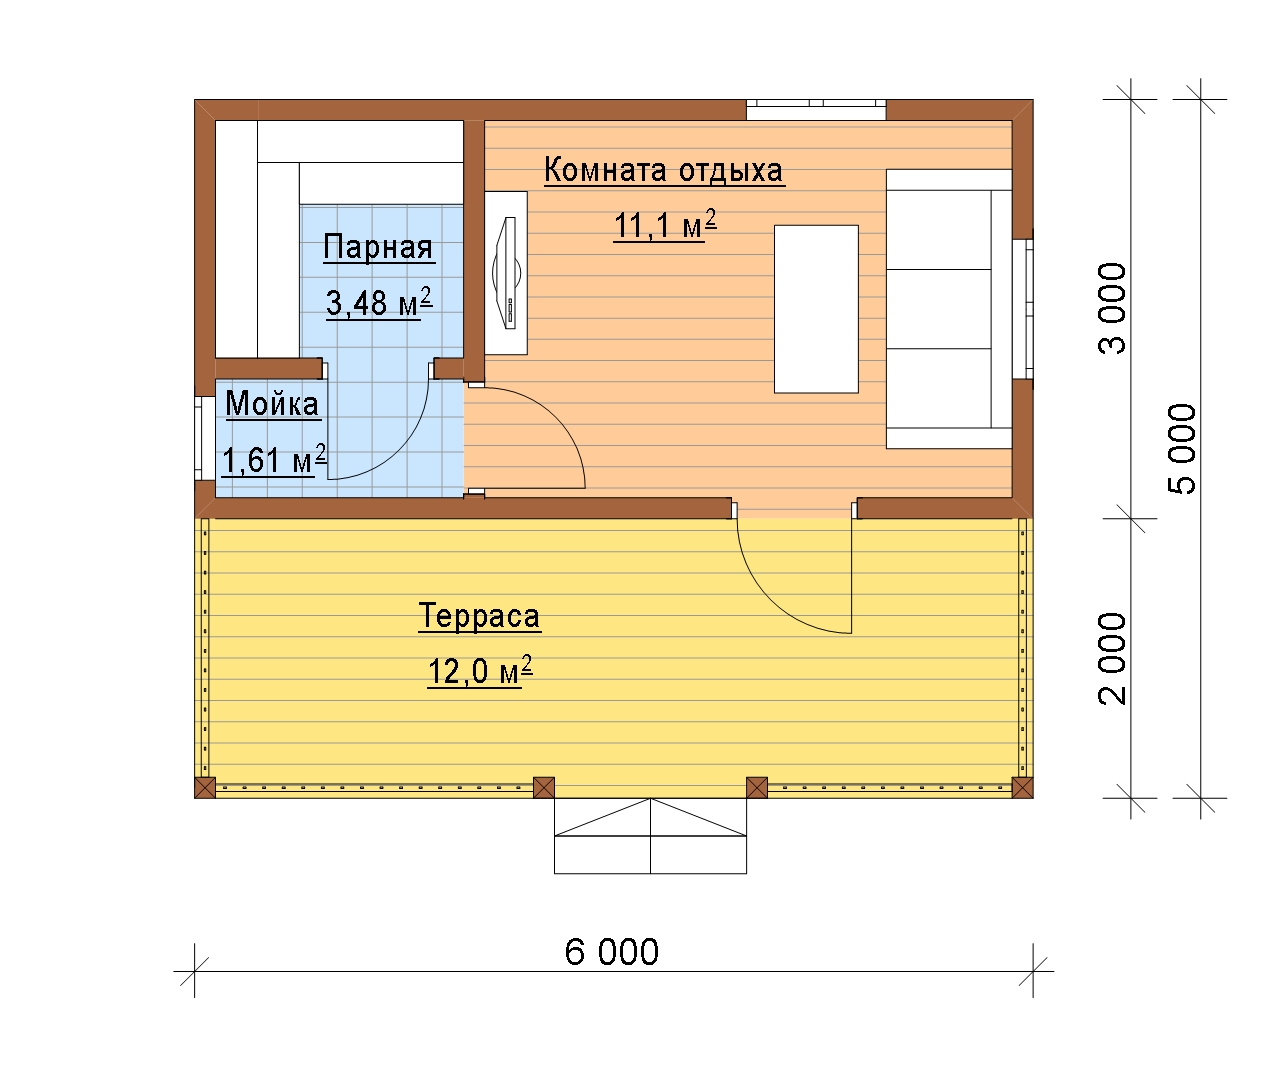 Планировка бани размером 4х6 с раздельной мойкой и парилкой